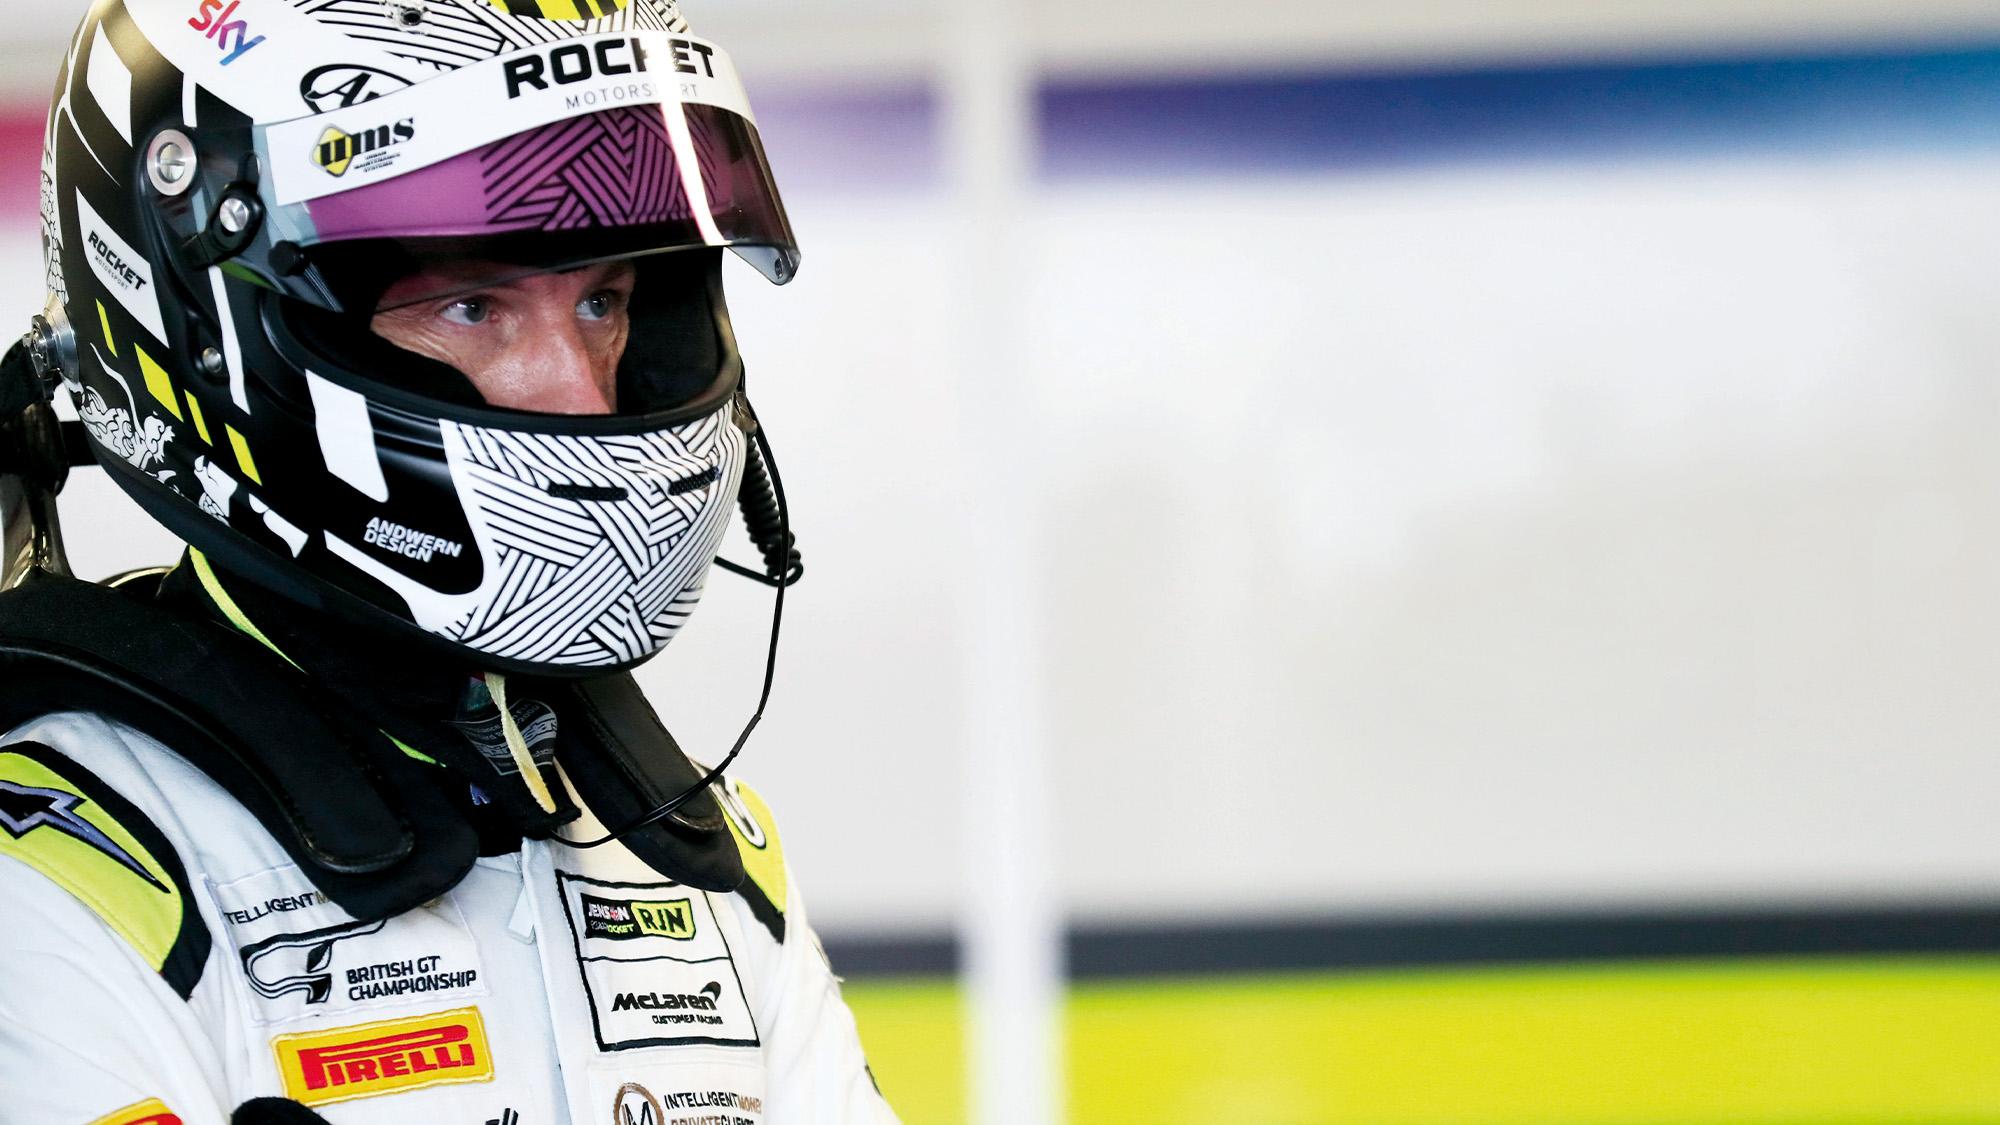 Jenson Button in Rocket RJN racesuit